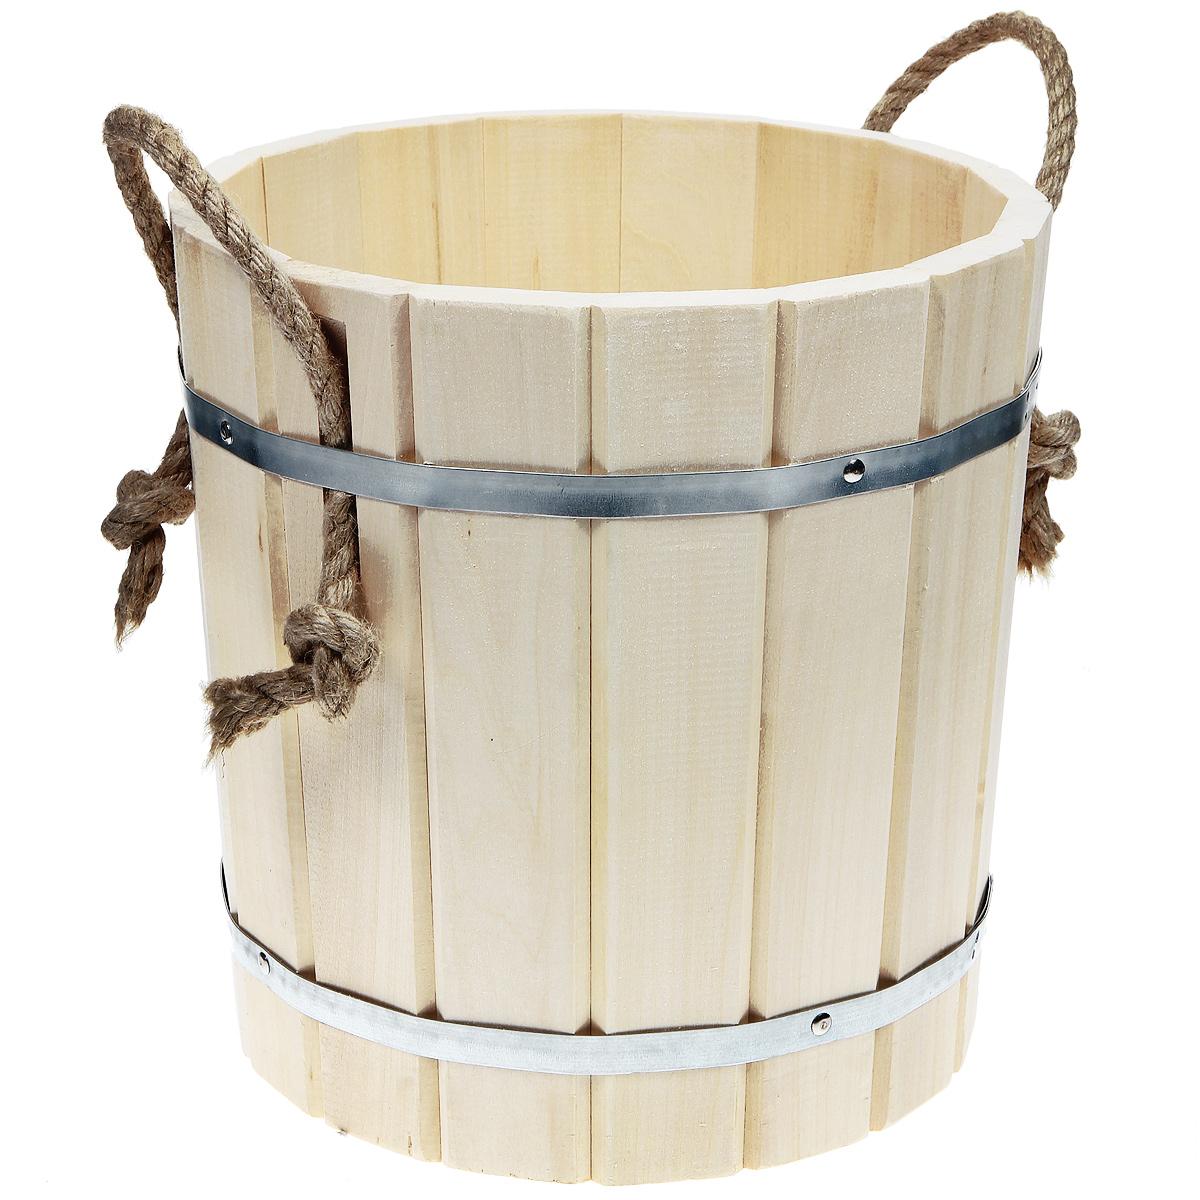 Запарник Банные штучки, с веревочными ручками, 15 л32017Запарник Банные штучки, изготовленный из дерева (липы), доставит вам настоящее удовольствие от банной процедуры. При запаривании веник обретает свою природную силу и сохраняет полезные свойства. Корпус запарника состоит из металлических обручей, стянутых клепками. Для более удобного использования запарник имеет веревочные ручки. Интересная штука - баня. Место, где одинаково хорошо и в компании, и в одиночестве. Перекресток, казалось бы, разных направлений - общение и здоровье. Приятное и полезное. И всегда в позитиве. Характеристики:Материал: дерево (липа), металл. Высота запарника: 32 см. Диаметр запарника по верхнему краю: 31 см. Объем: 15 л. Артикул: 32017.